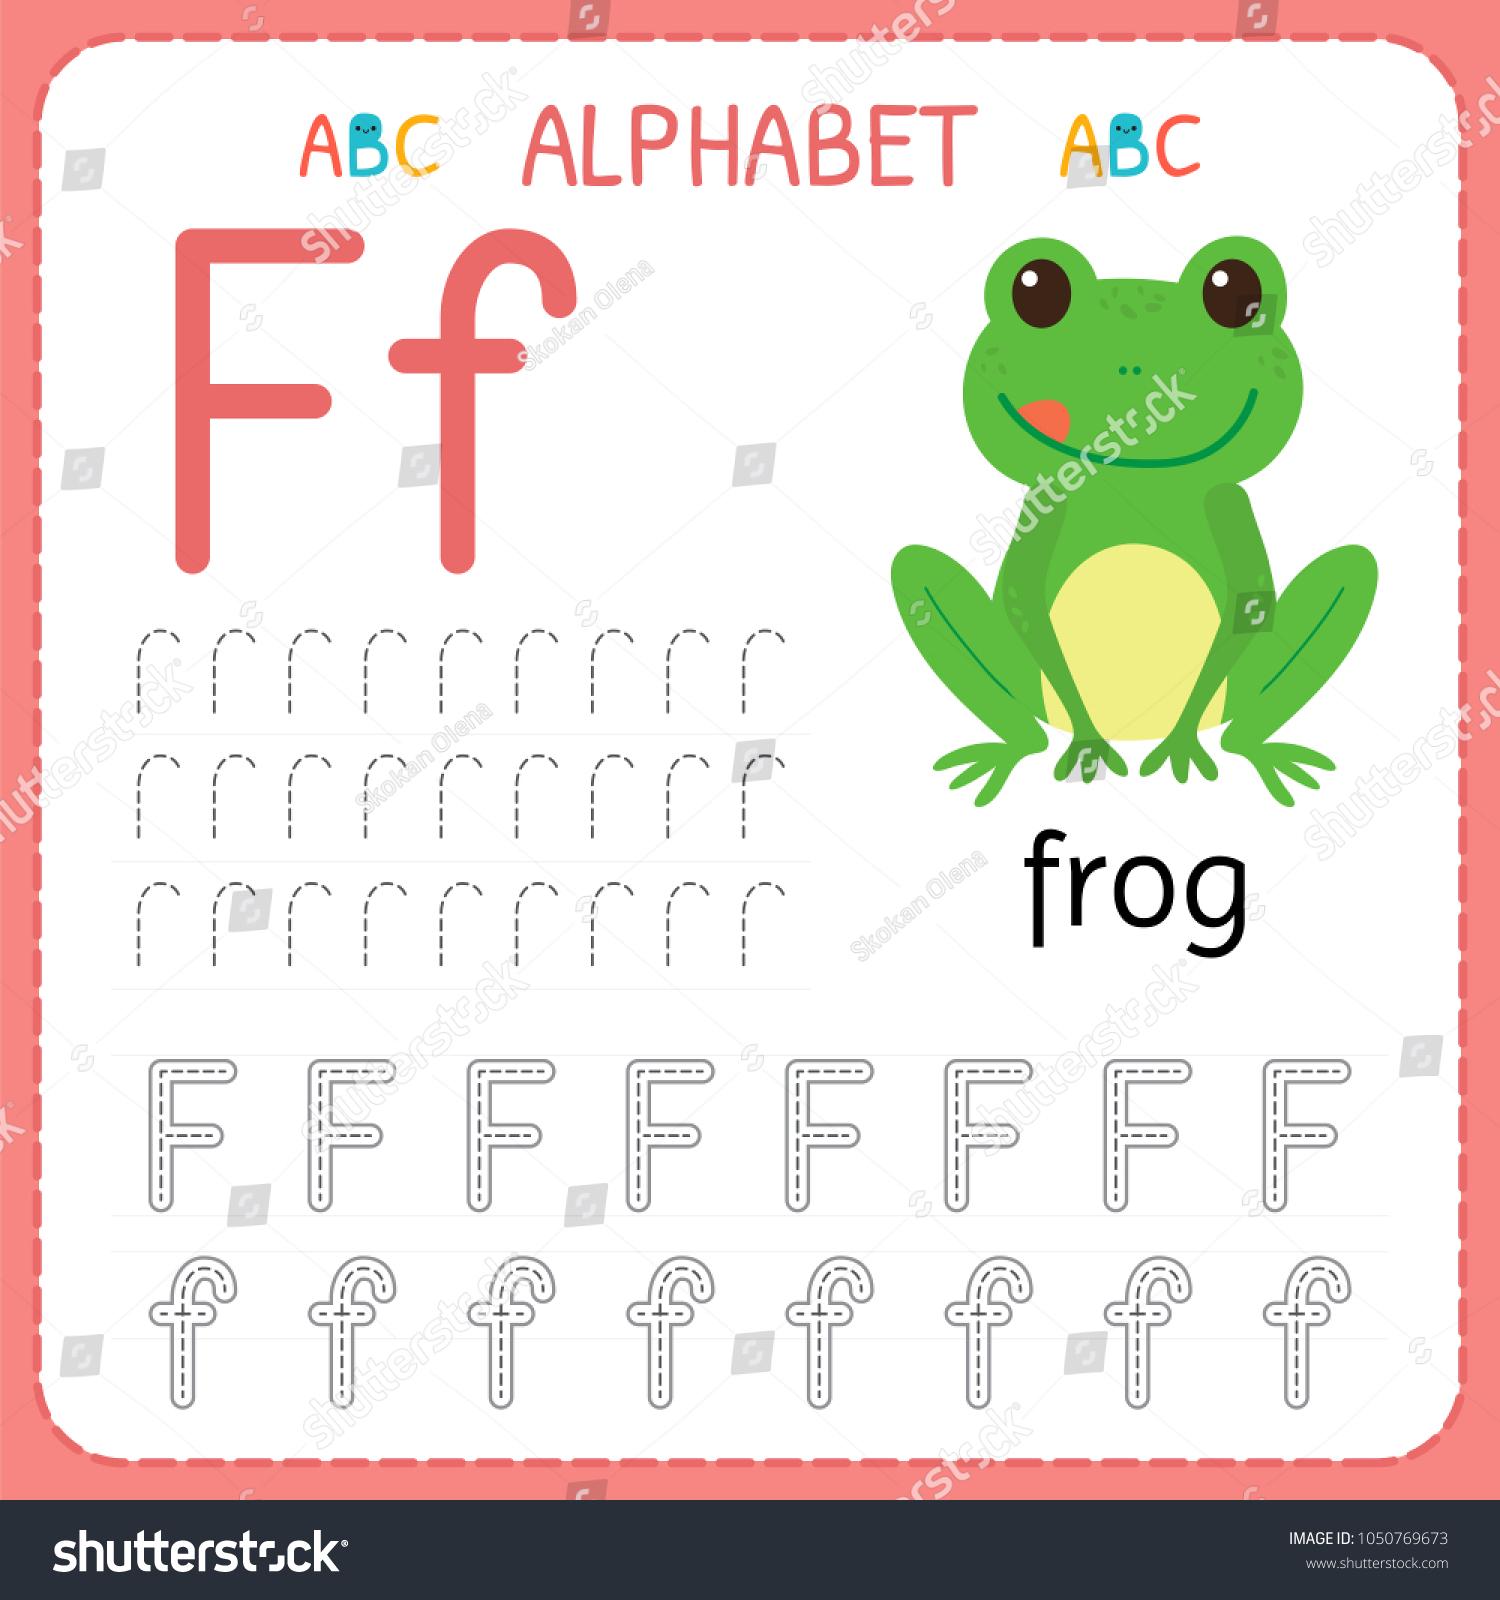 Alphabet Tracing Worksheet Preschool Kindergarten Writing regarding Tracing Letter F Worksheets Preschool